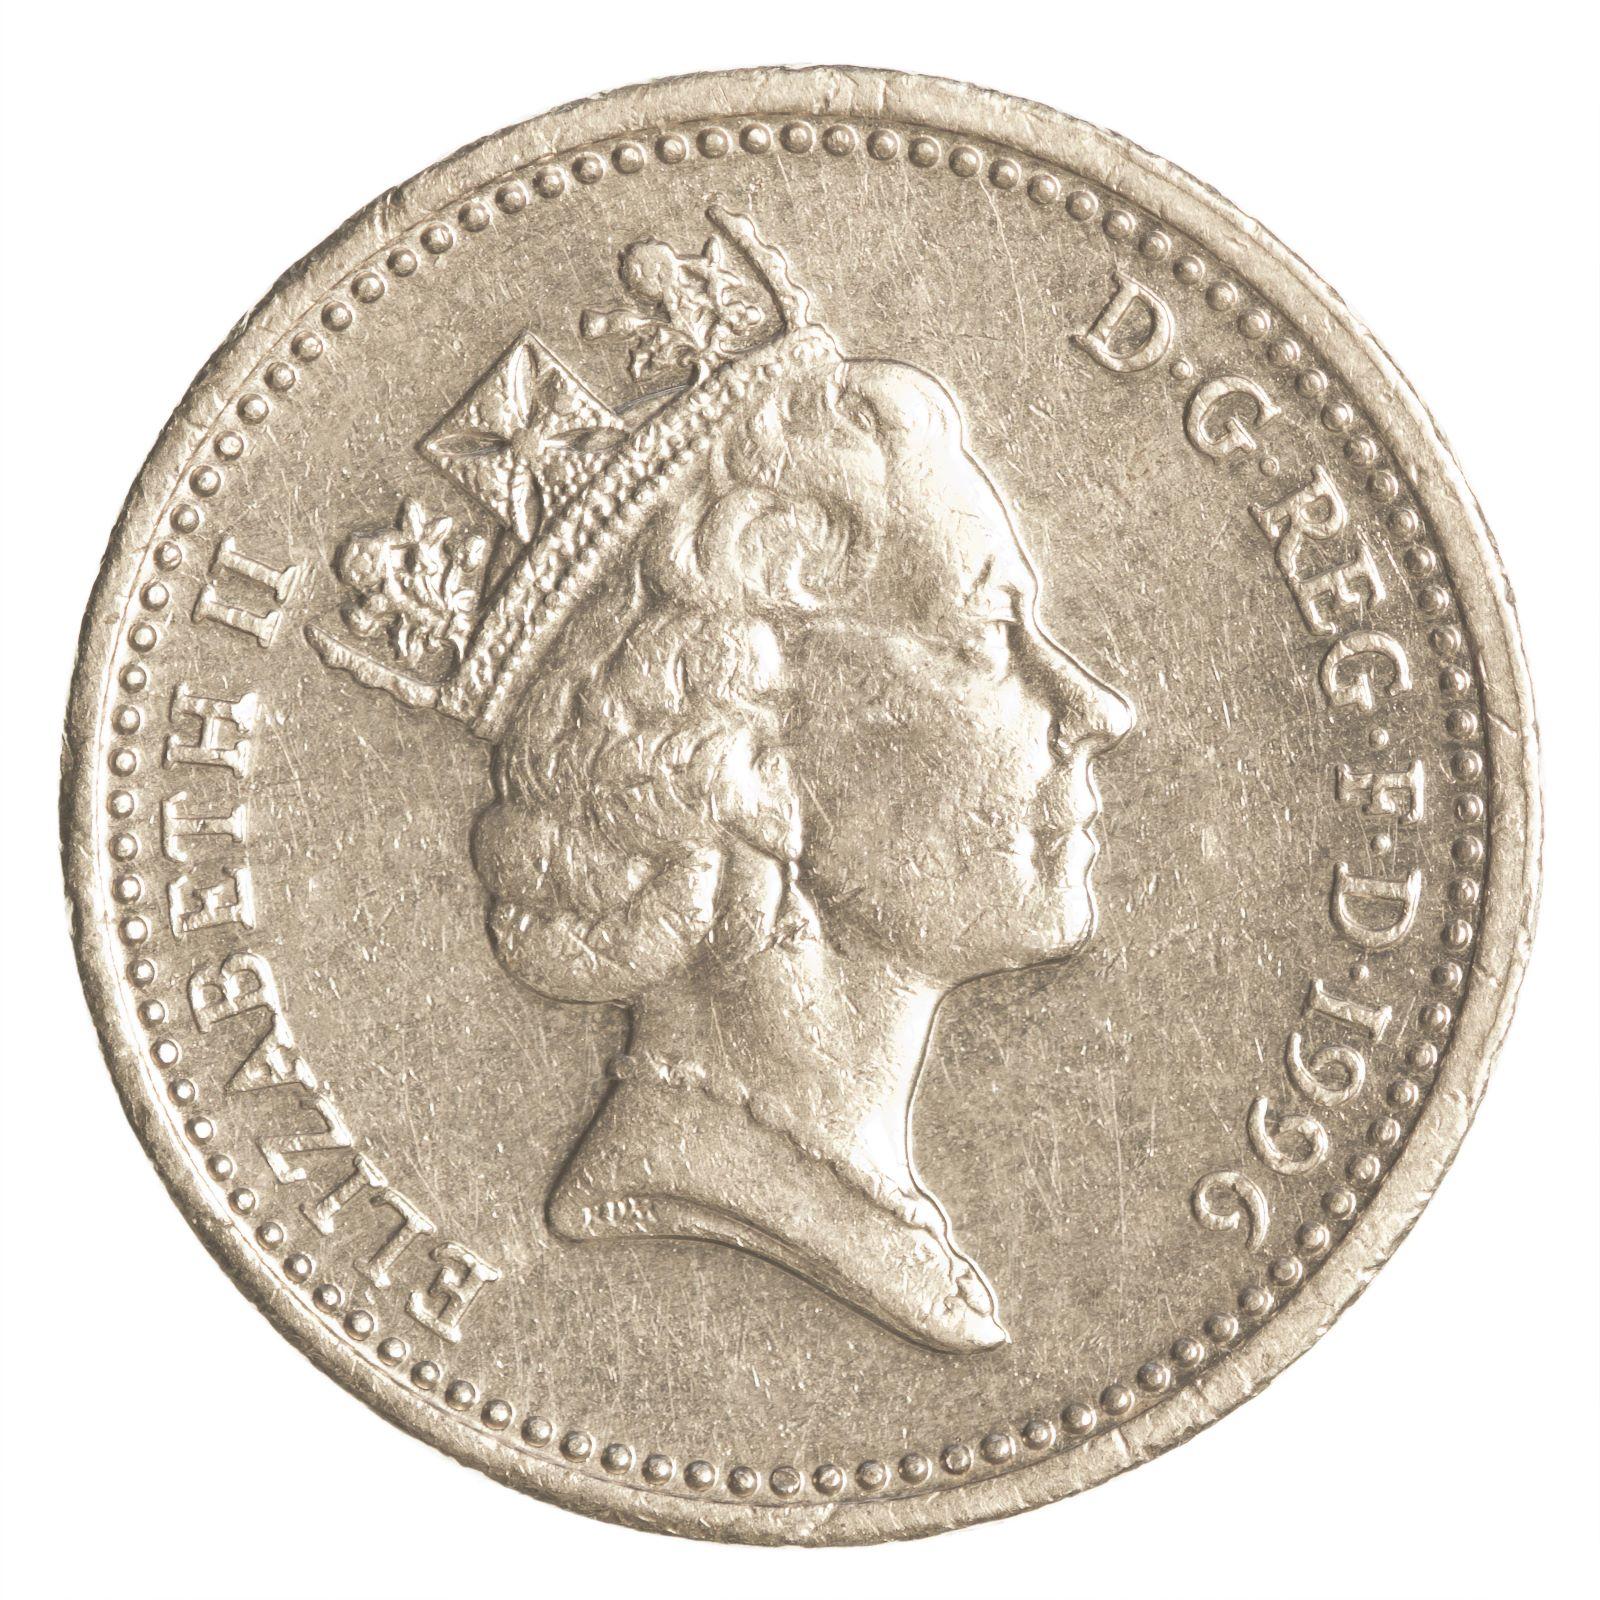 One British Pound silver coin